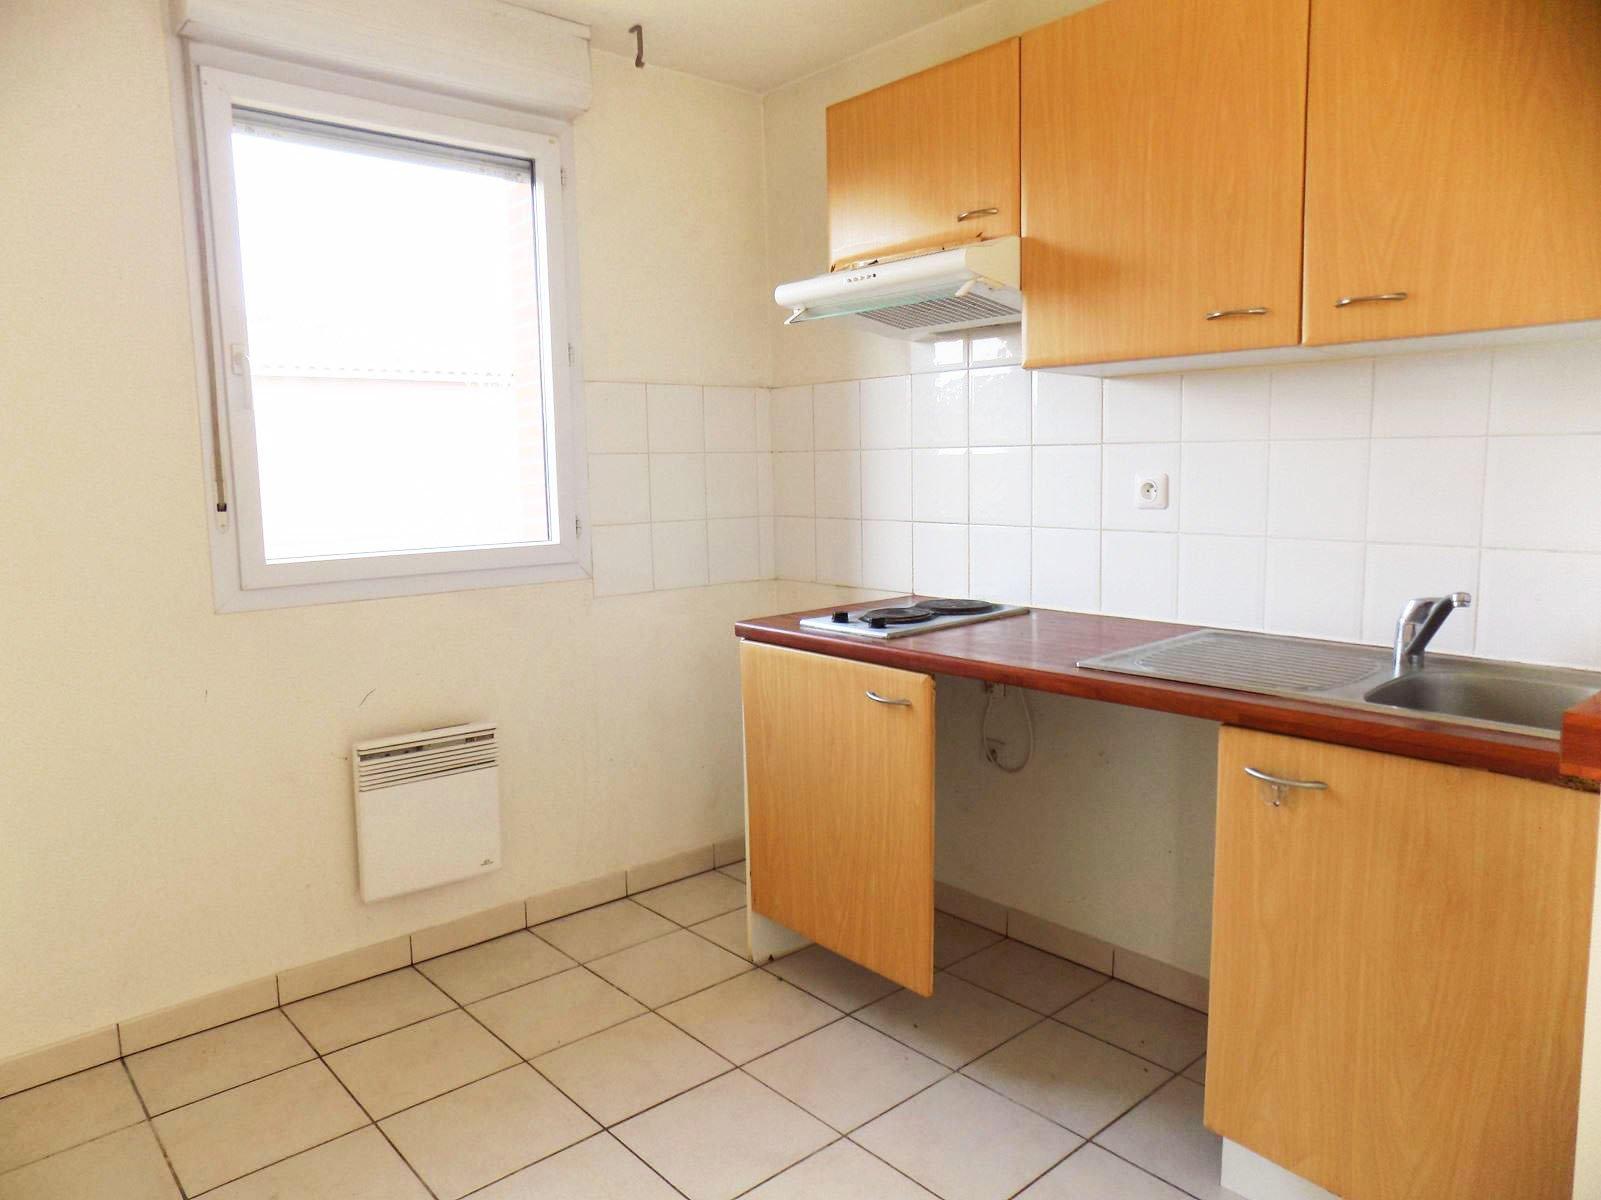 Appartement T3 - 63m² - 31150 FENOUILLET